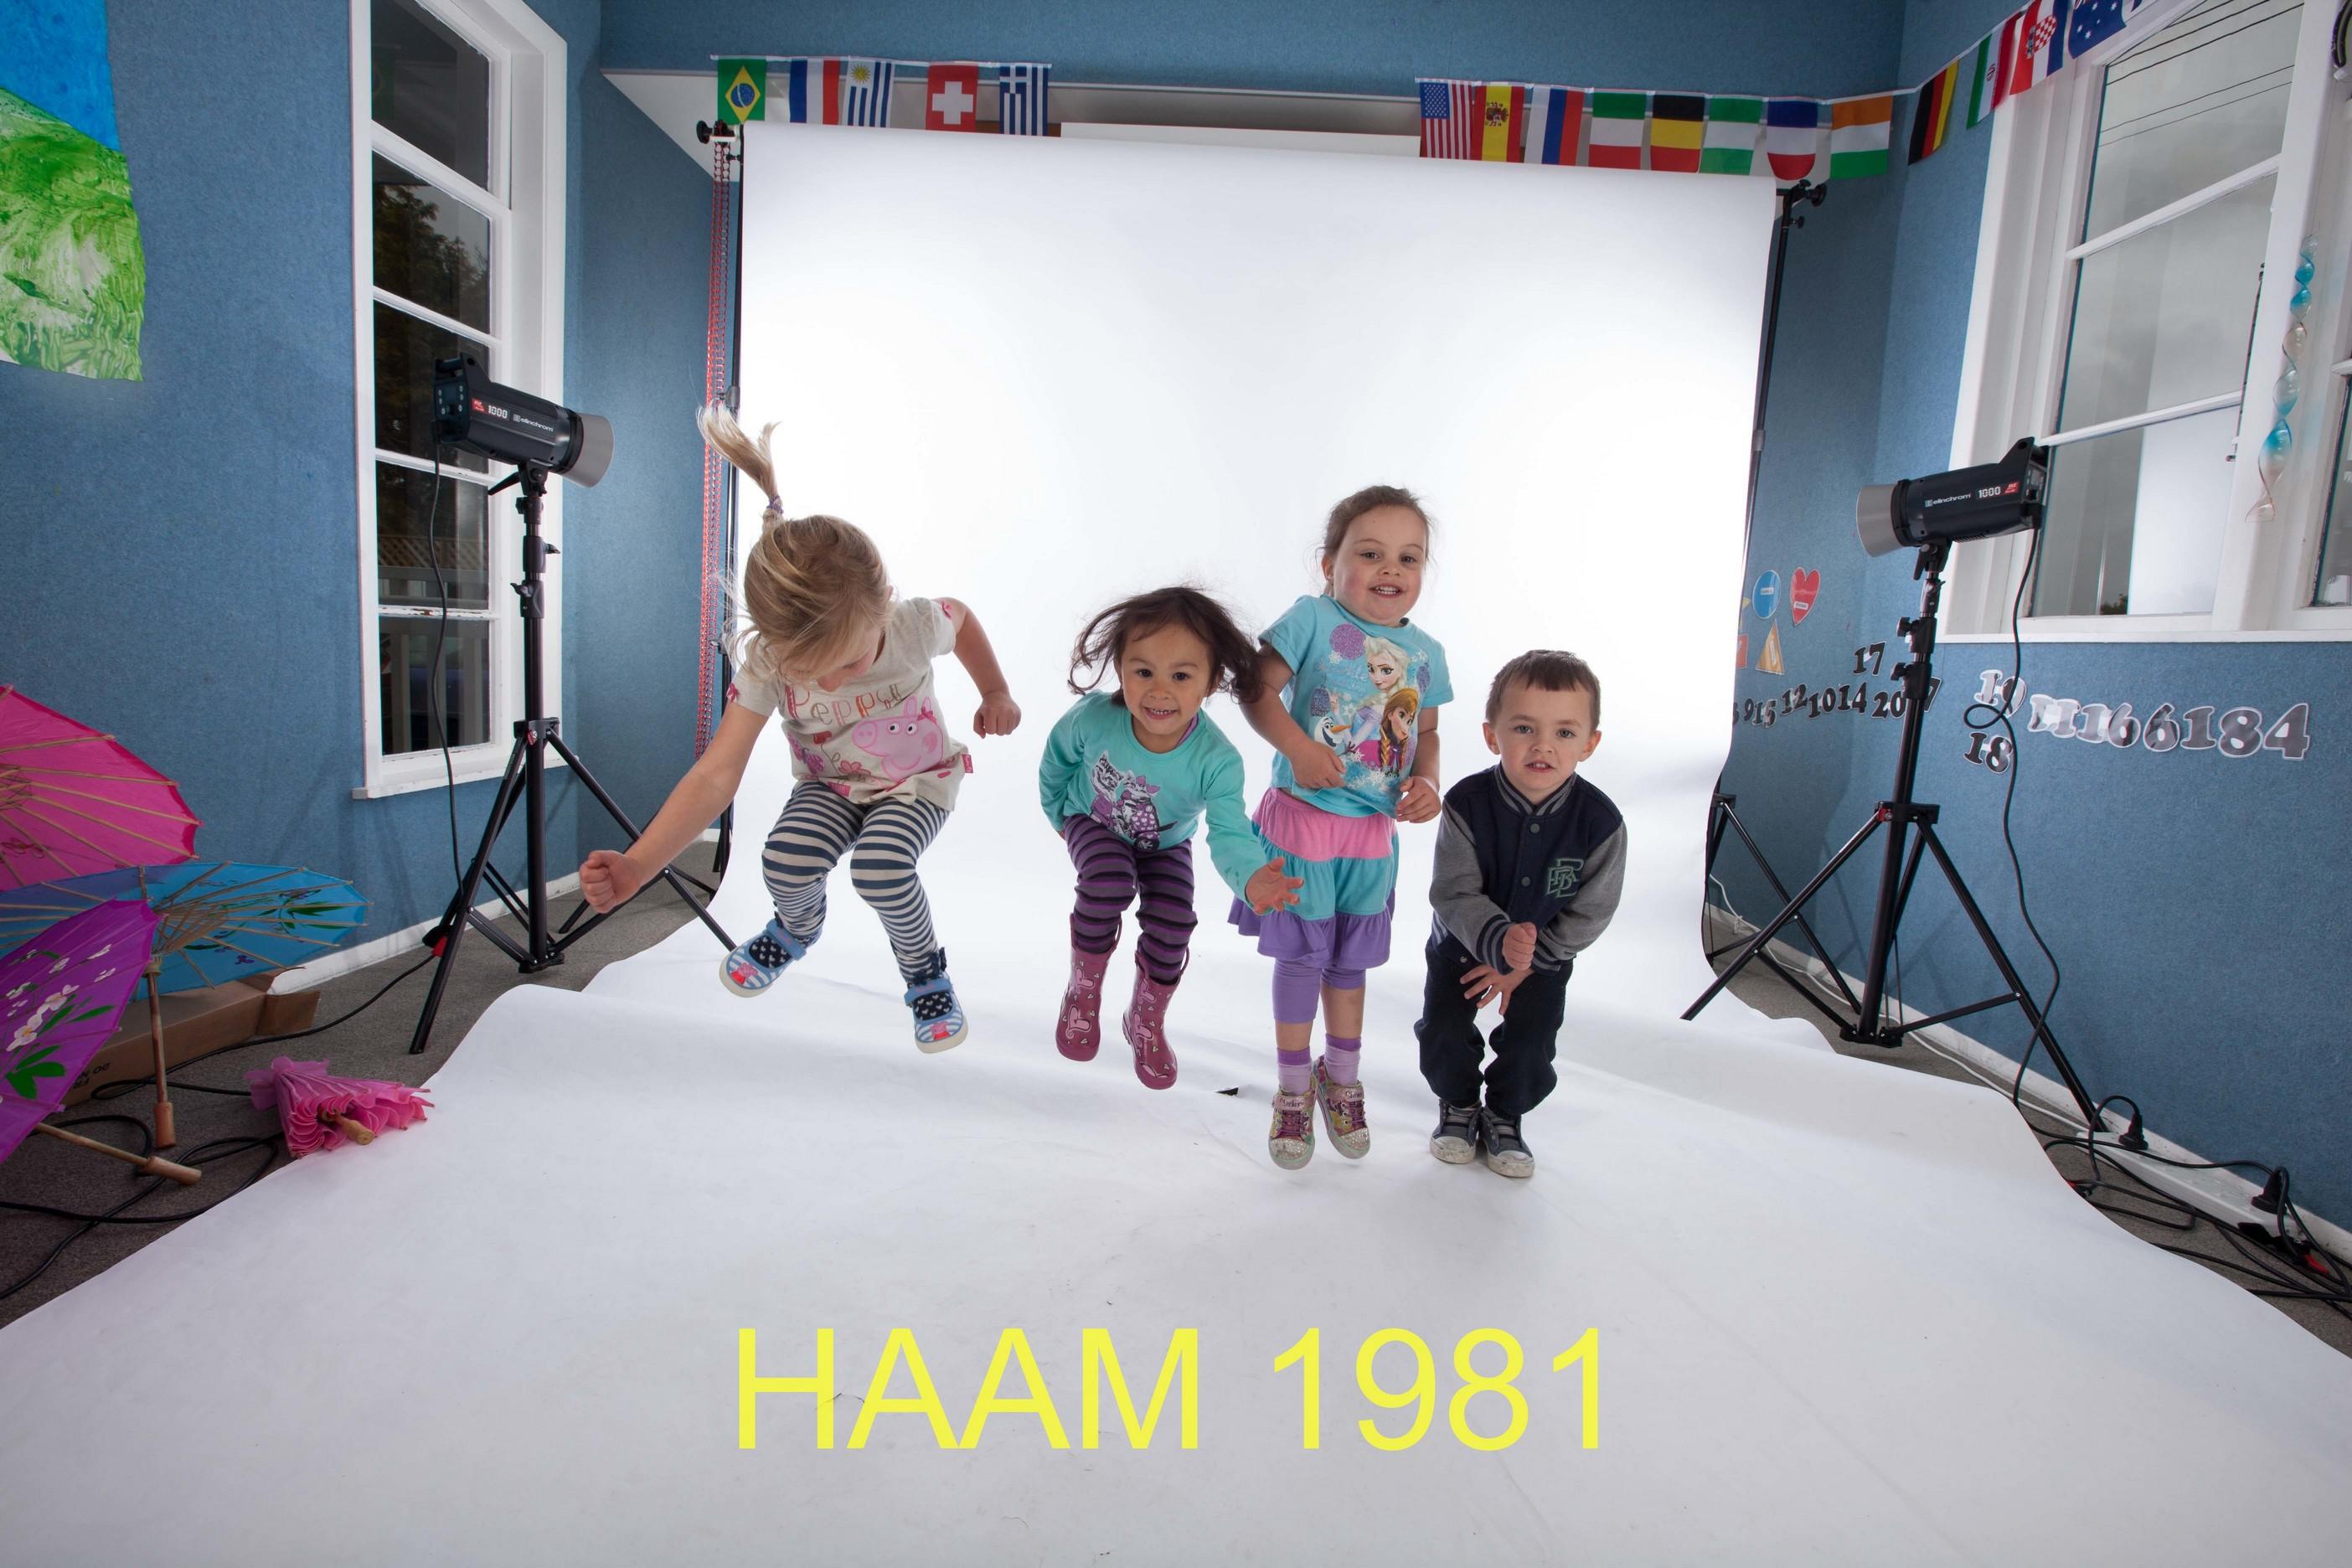 HAAM 1981